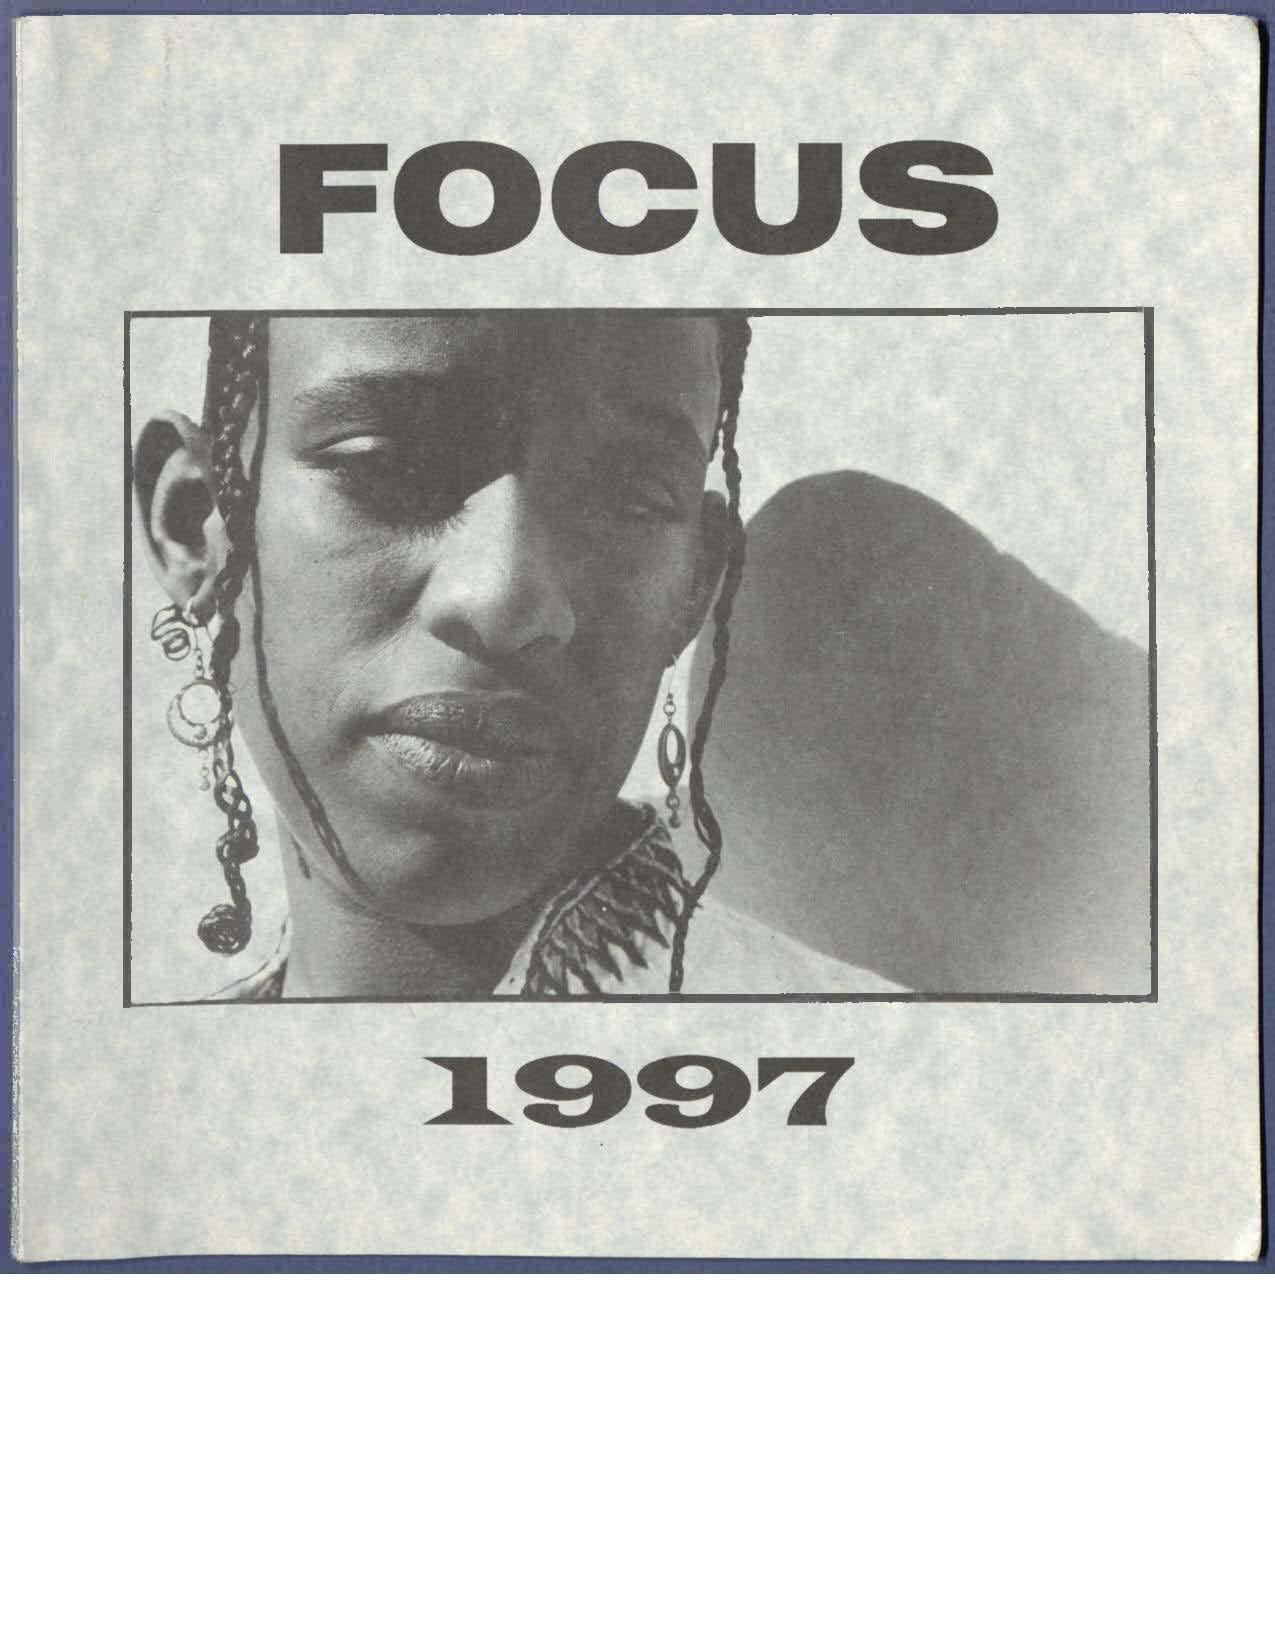 Focus Magazine 1997 cover image